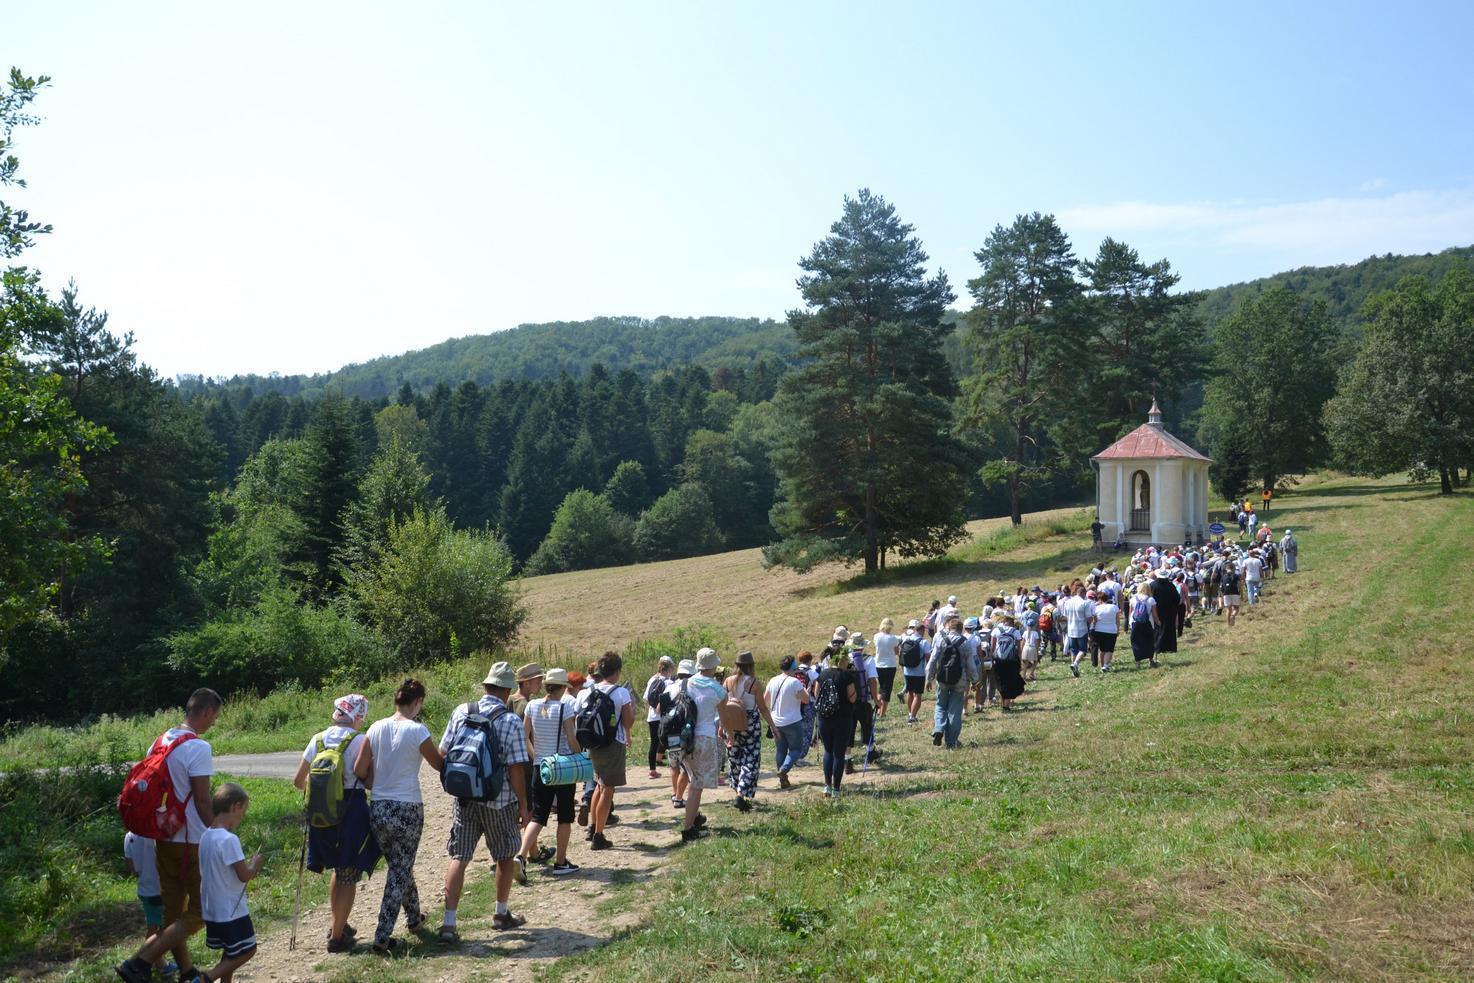 15 Piesza Pielgrzymka Krosno - Kalwaria Pacławska - dzień czwarty 12 sierpnia 2017 (69)